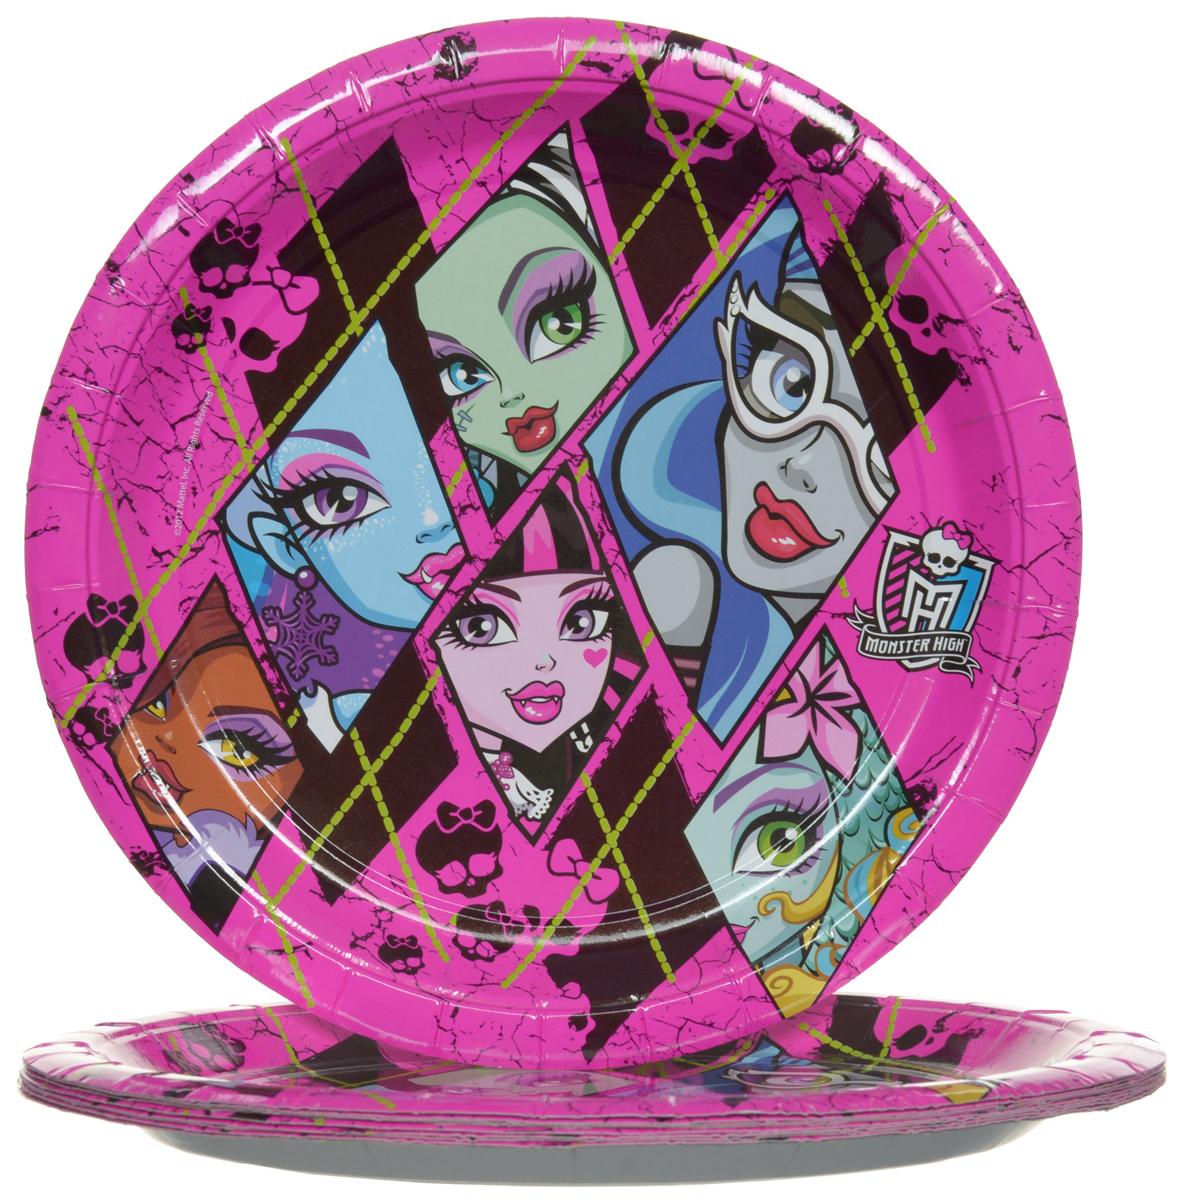 Monster High Набор одноразовых тарелок цвет розовый 10 шт23656Одноразовые тарелки прочно вошли в современную жизнь, и теперь многие люди просто не представляют праздник или пикник без таких нужных вещей: они почти невесомы, не могут разбиться и не нуждаются в мытье. Набор одноразовых тарелок Monster High состоит из 10 круглых тарелок диаметром 23 см, выполненных из картона. Изделия декорированы изображением монстров Хай. Благодаря глянцевому ламинированию, они прекрасно справляются со своей задачей: удерживают еду, не промокают и не протекают.